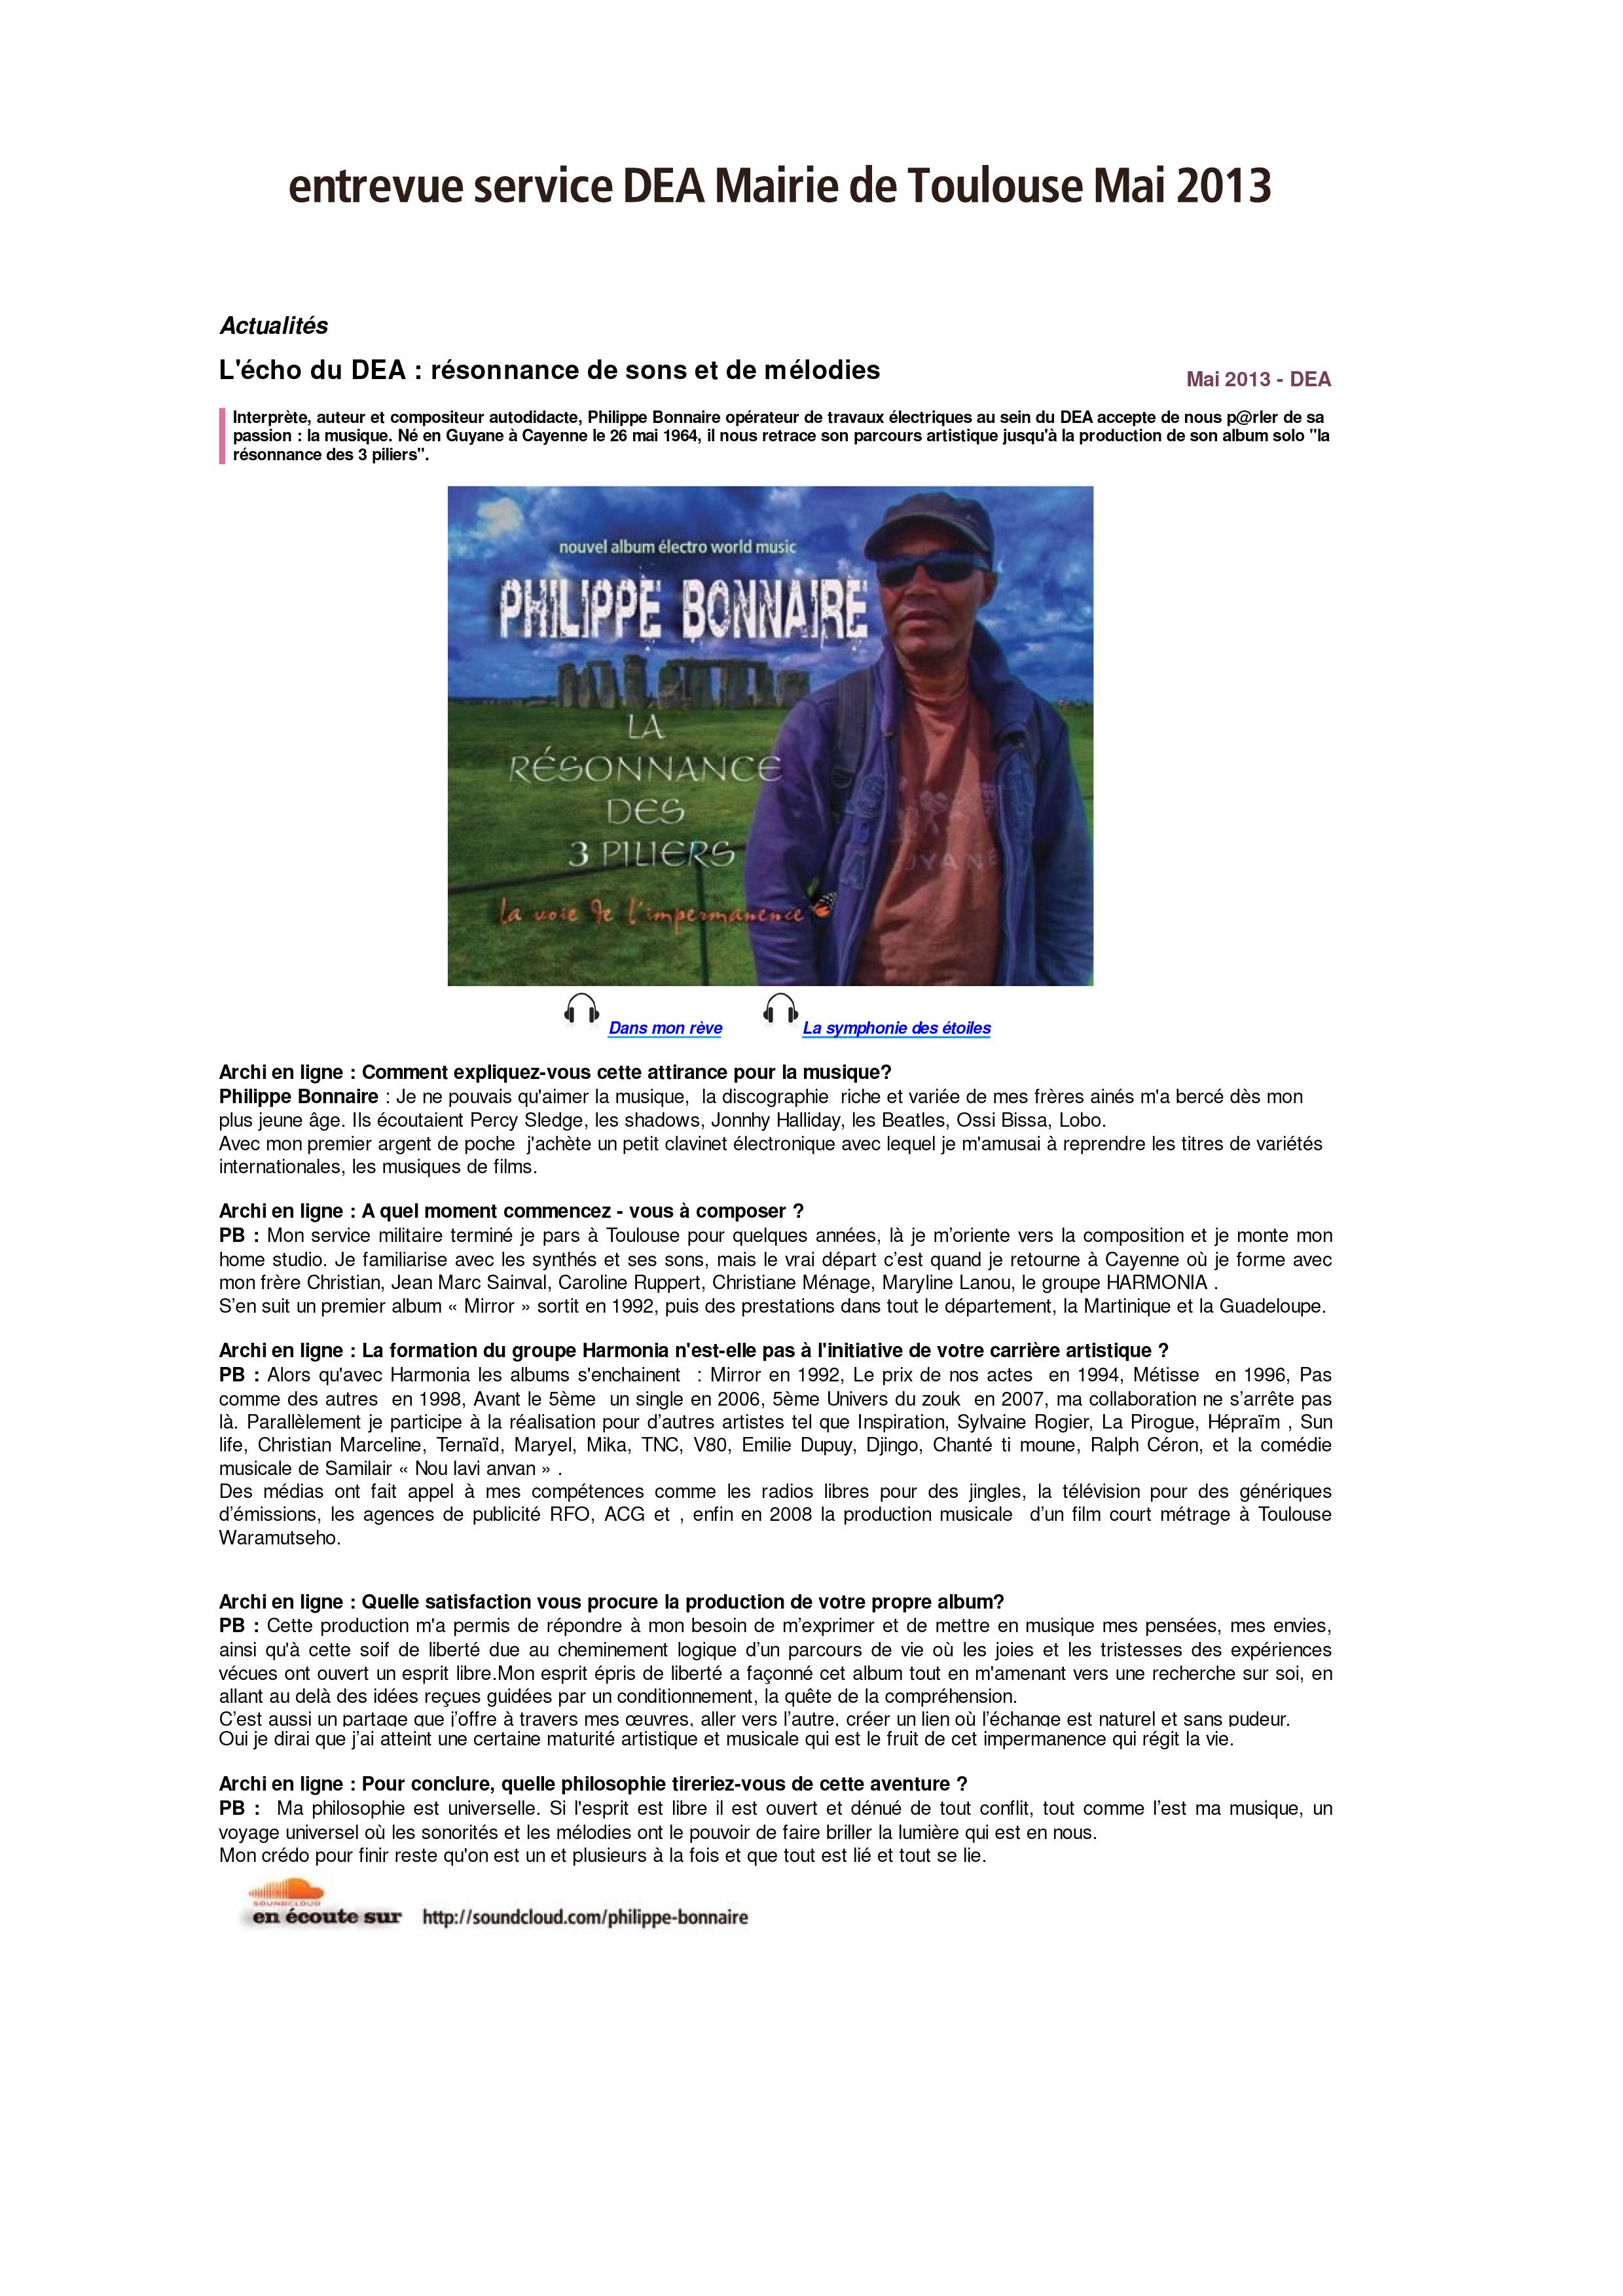 Actu_-_Passion_-_Actualités_-_SESAME-DEA_Mairie_Toulouse